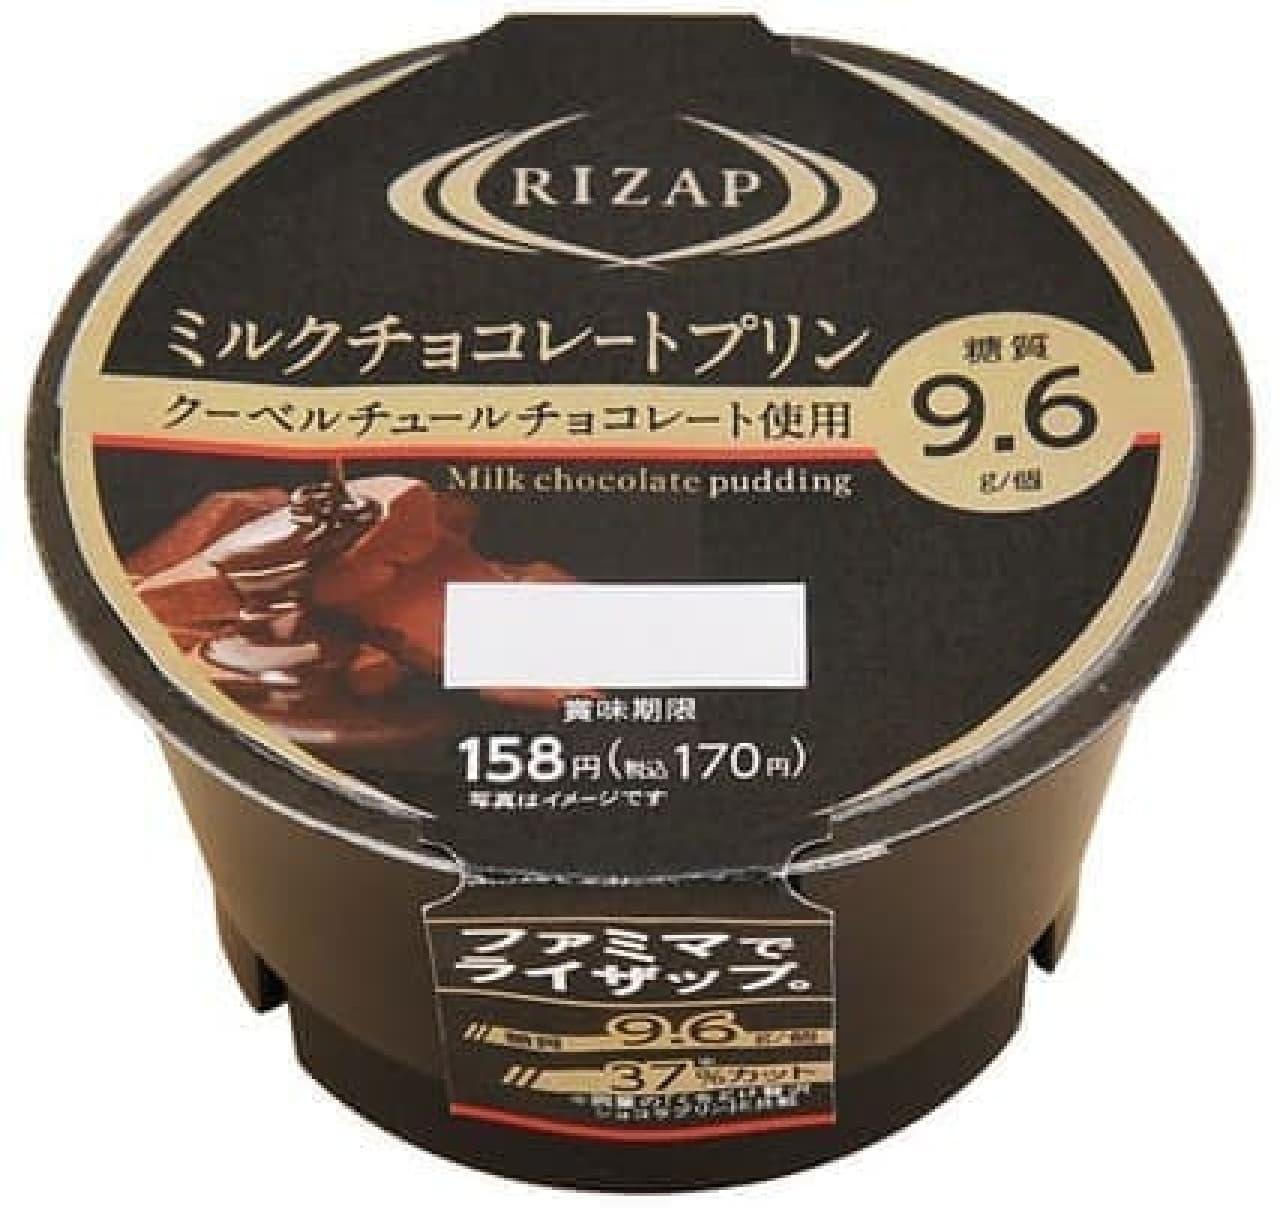 ファミリーマート「RIZAP ミルクチョコレートプリン」